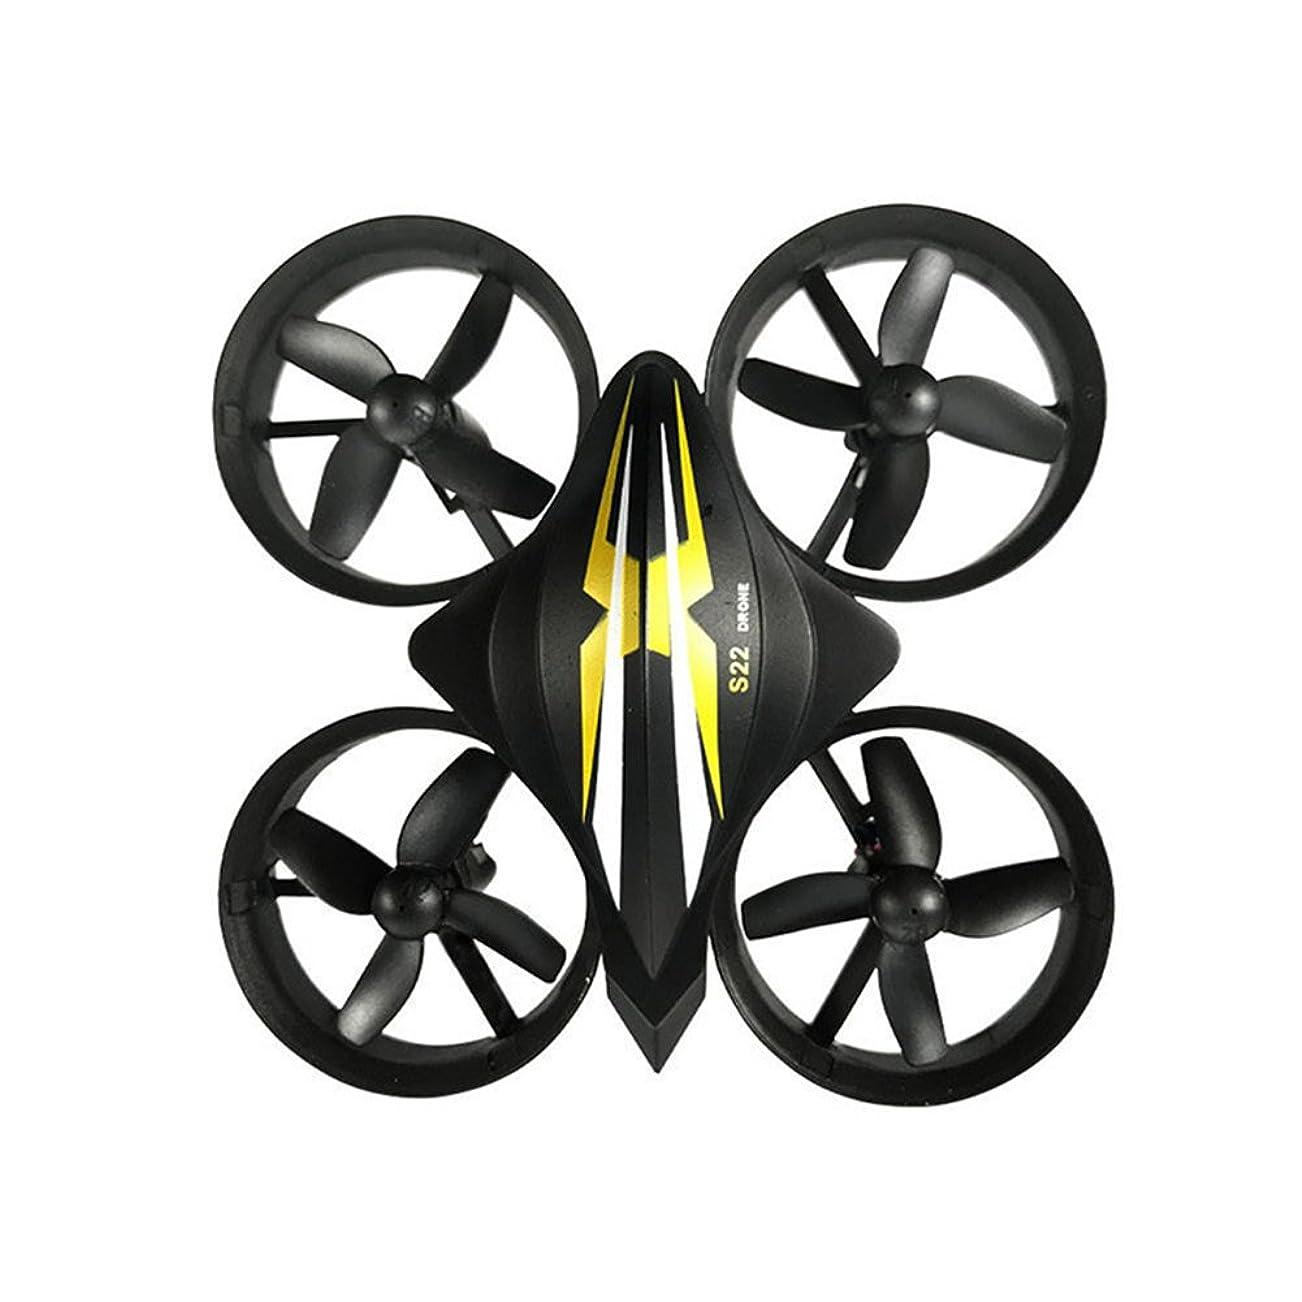 落胆させる敵対的空白Liebeye SMRC S22 航空機のおもちゃ ミニリモートコントロールヘッドレスドローン ギフト ブラック